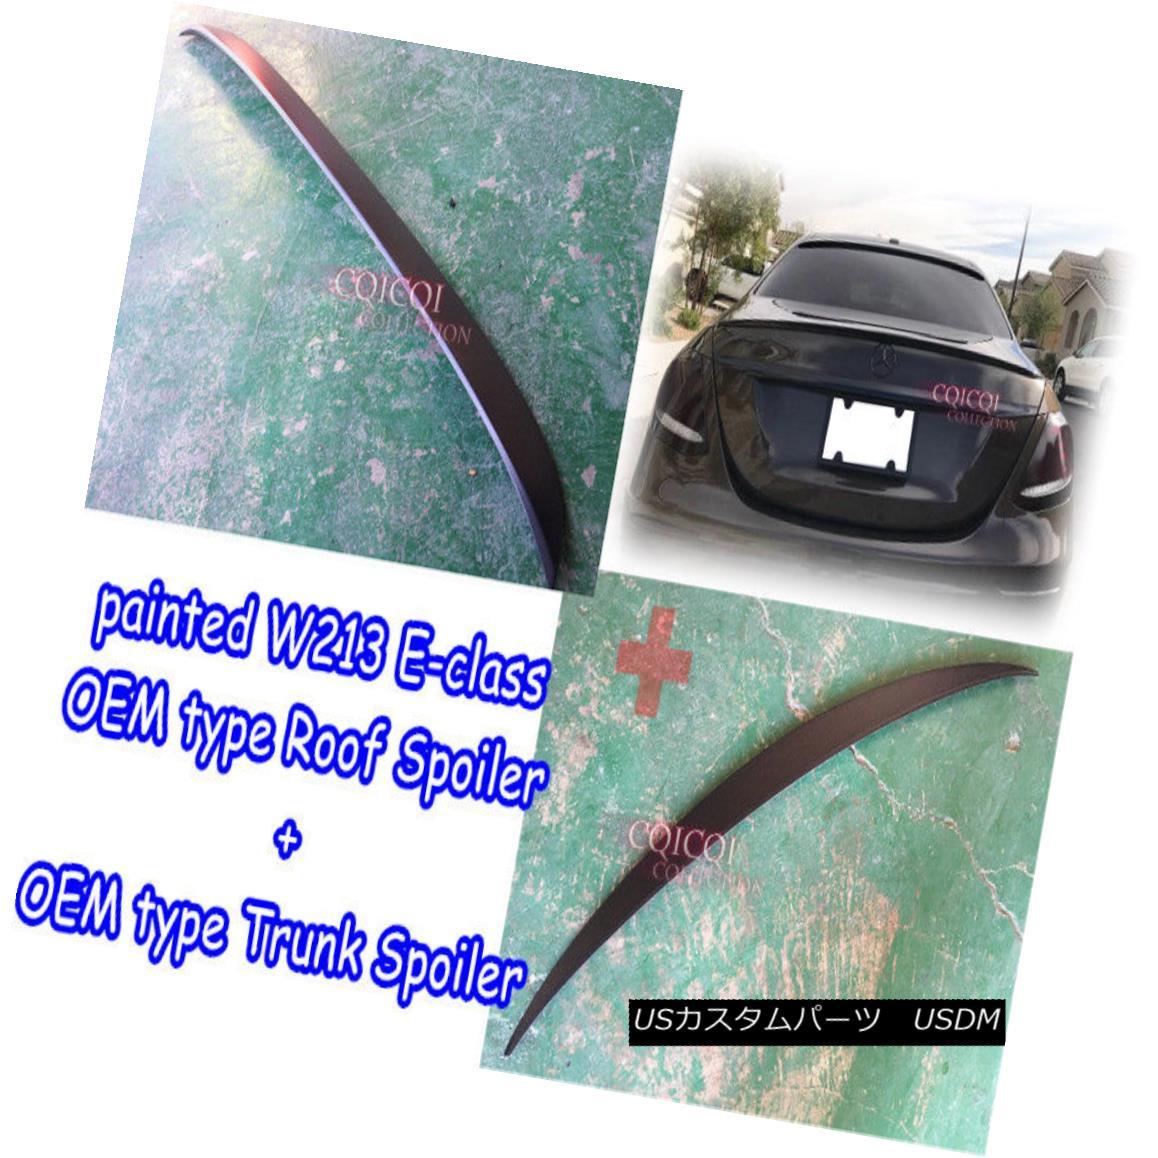 エアロパーツ Painted M-BENZ 17~ W213 E class Sedan OEM type roof + trunk spoiler all color ◎ ペイントされたM-BENZ 17?W213 EクラスセダンOEMタイプの屋根+トランク・スポイラー全色?